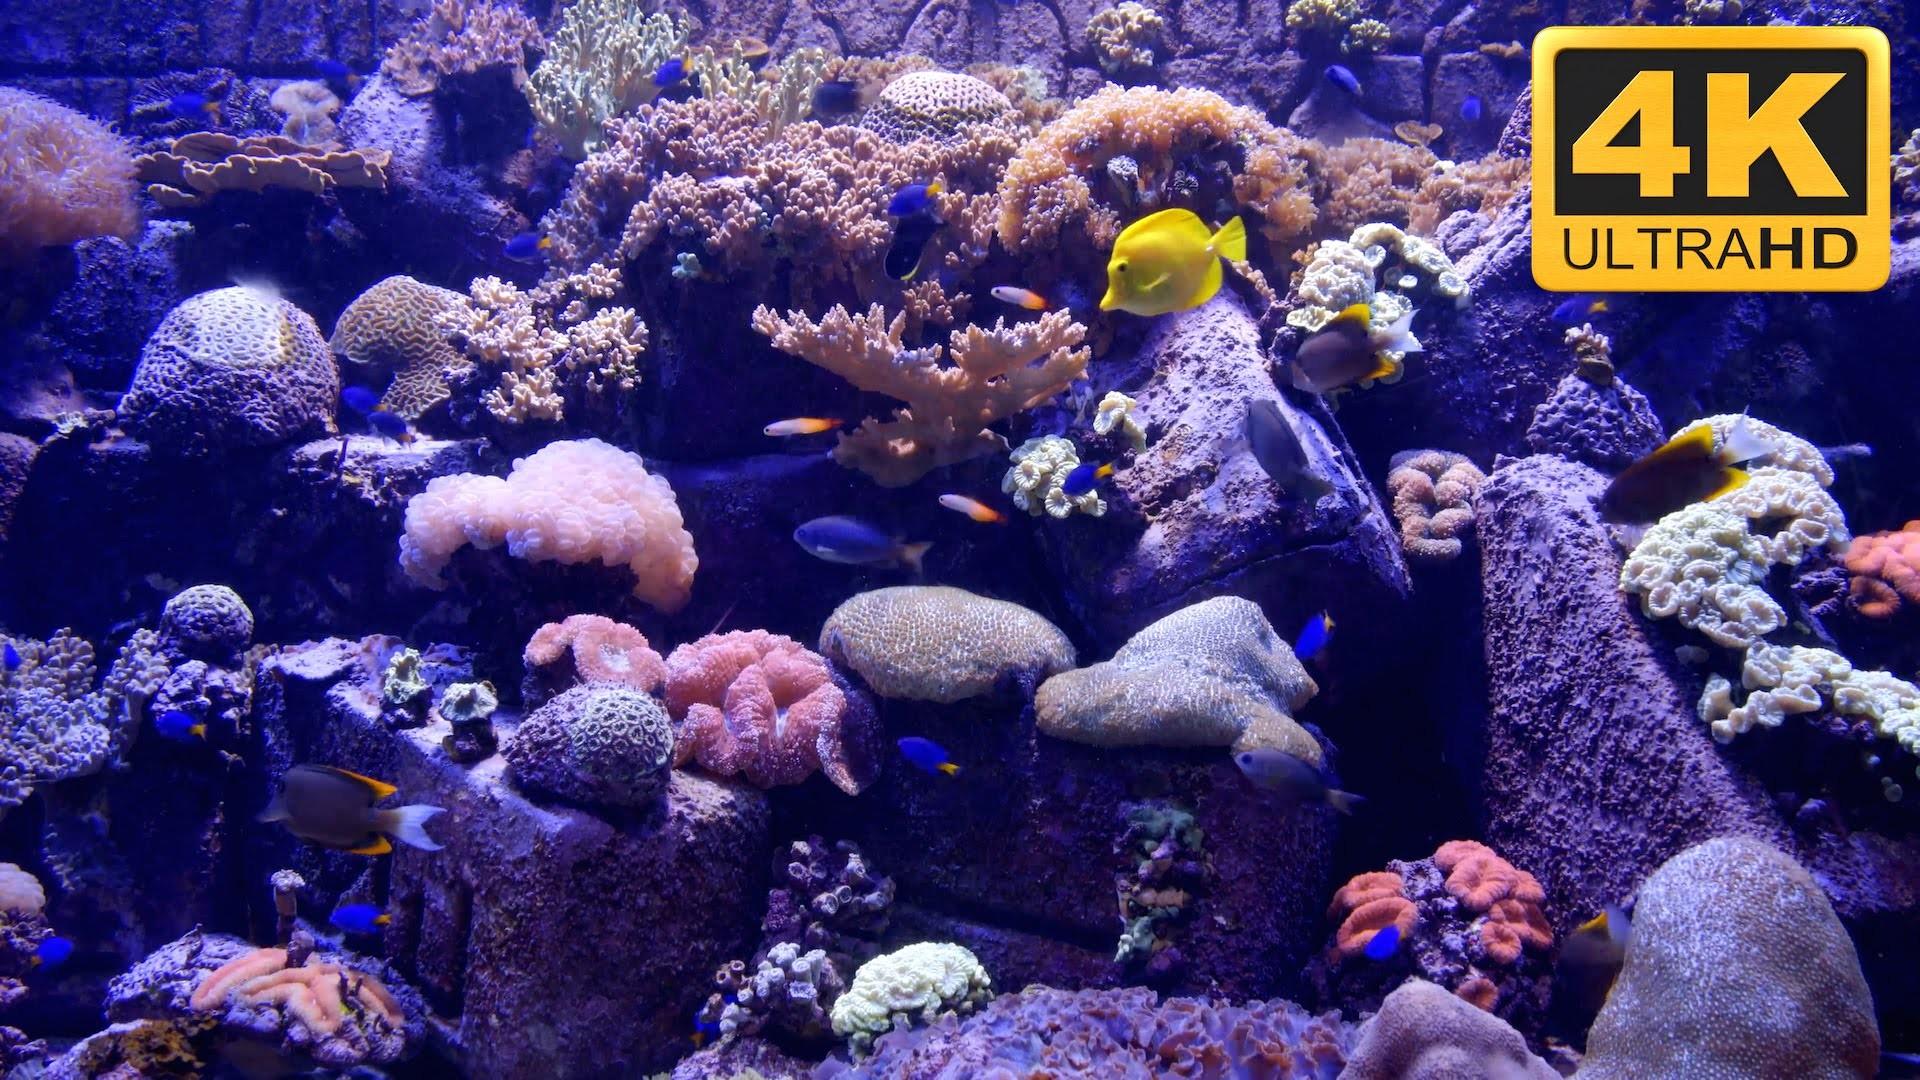 … 4K Aquarium Screensaver and TV Wallpaper ***** – YouTube